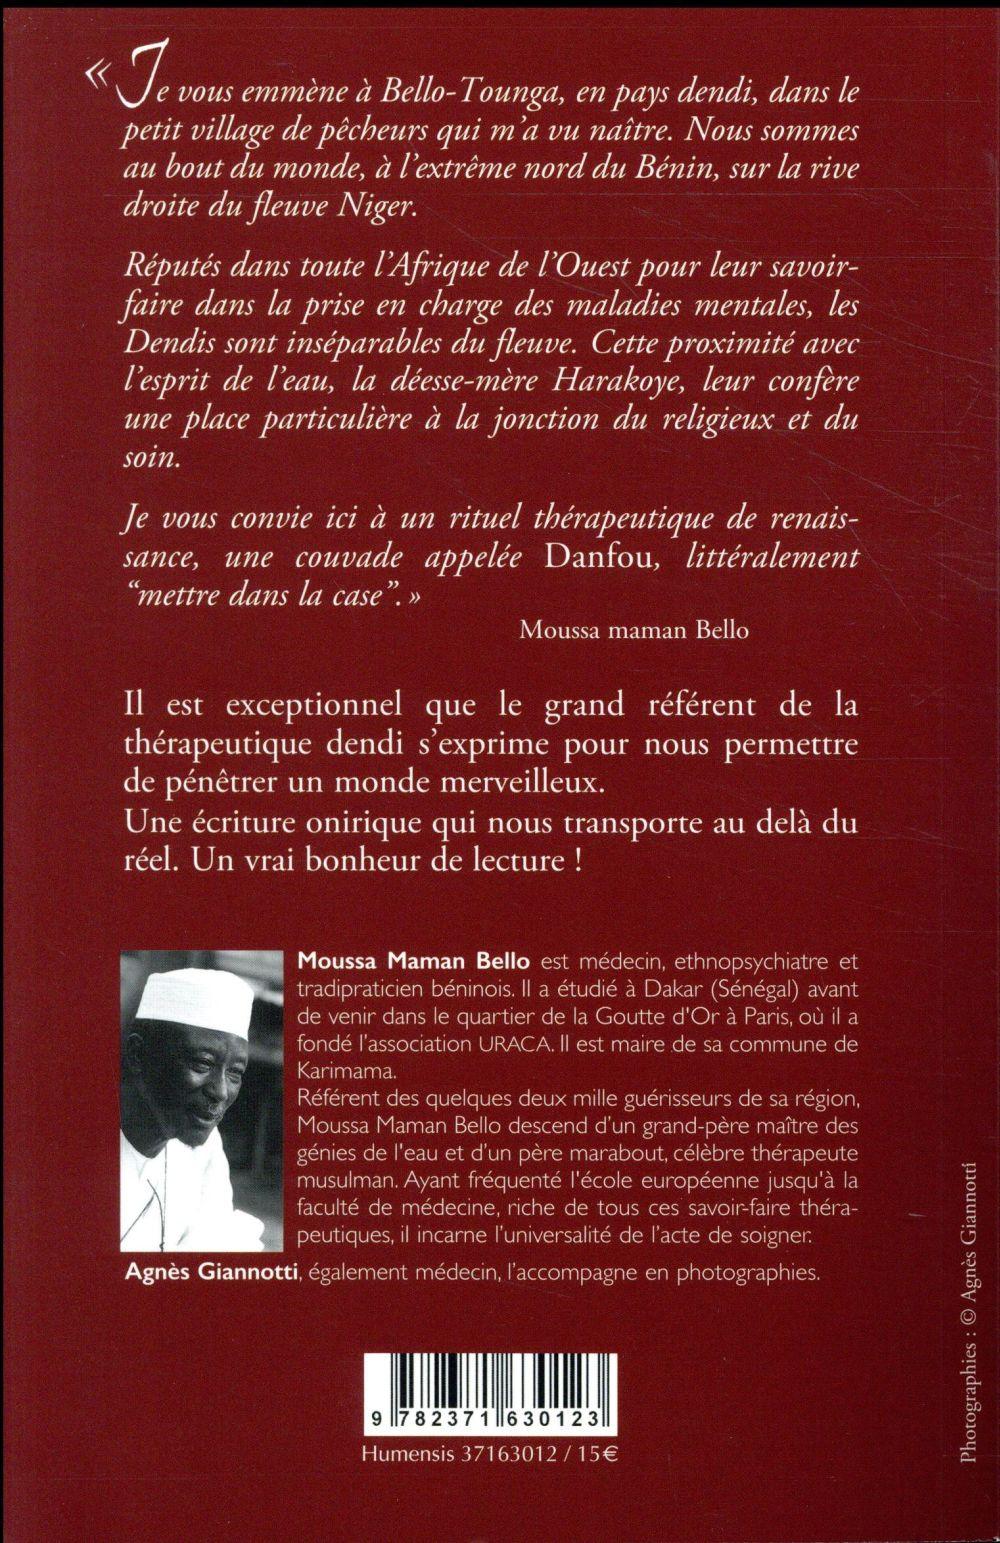 Renaître en pays dendi ; couvade et possession au nord Bénin